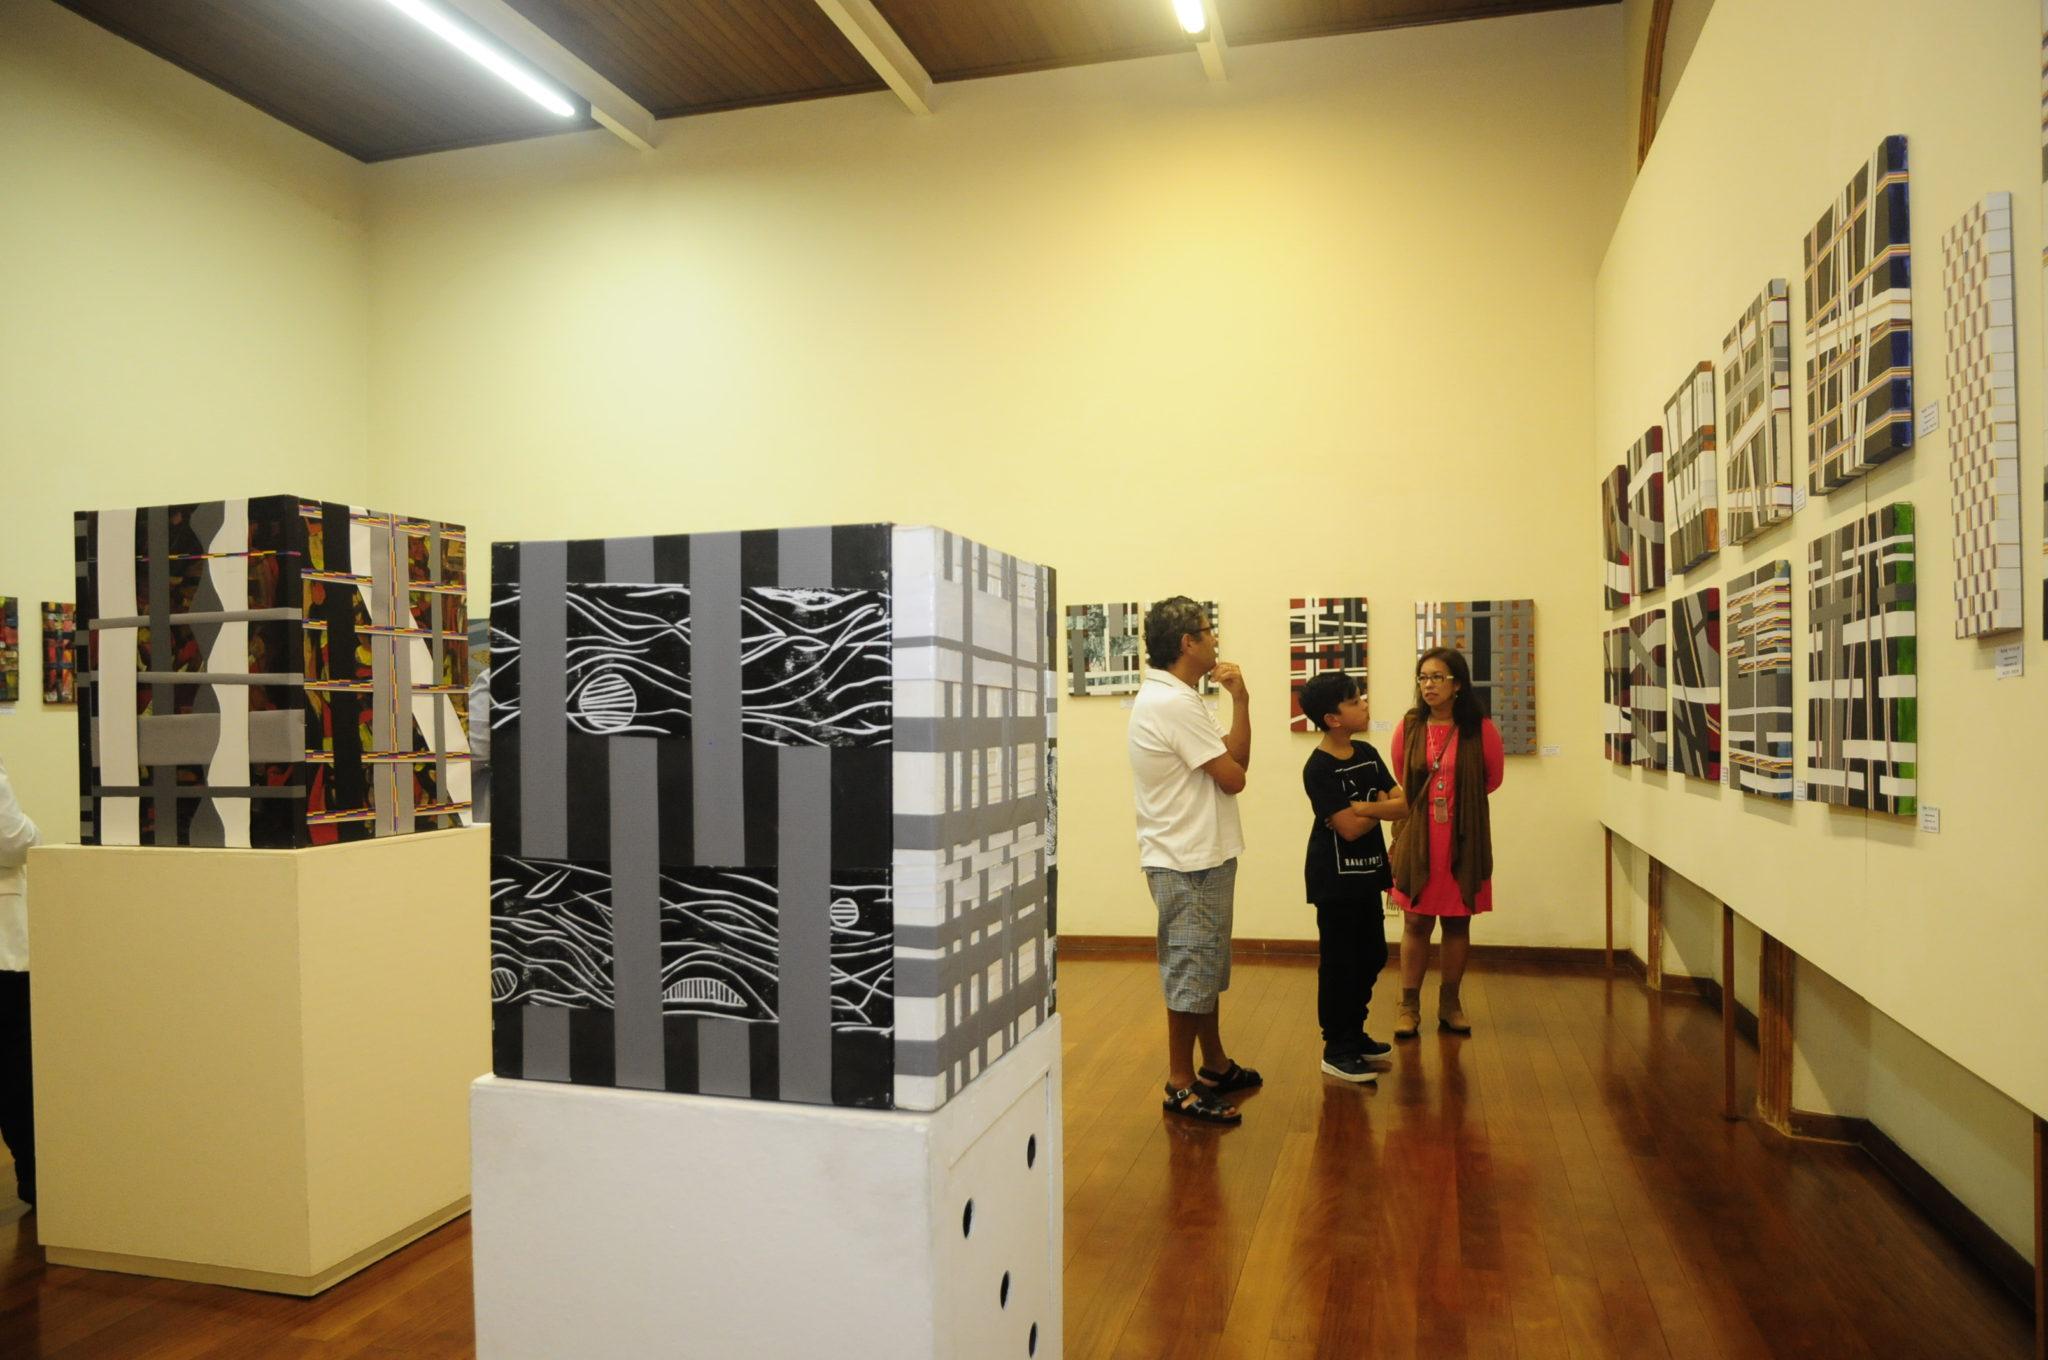 Sala de exposições, com homem, mulher e criança olhando para quadros abstratos e conversando